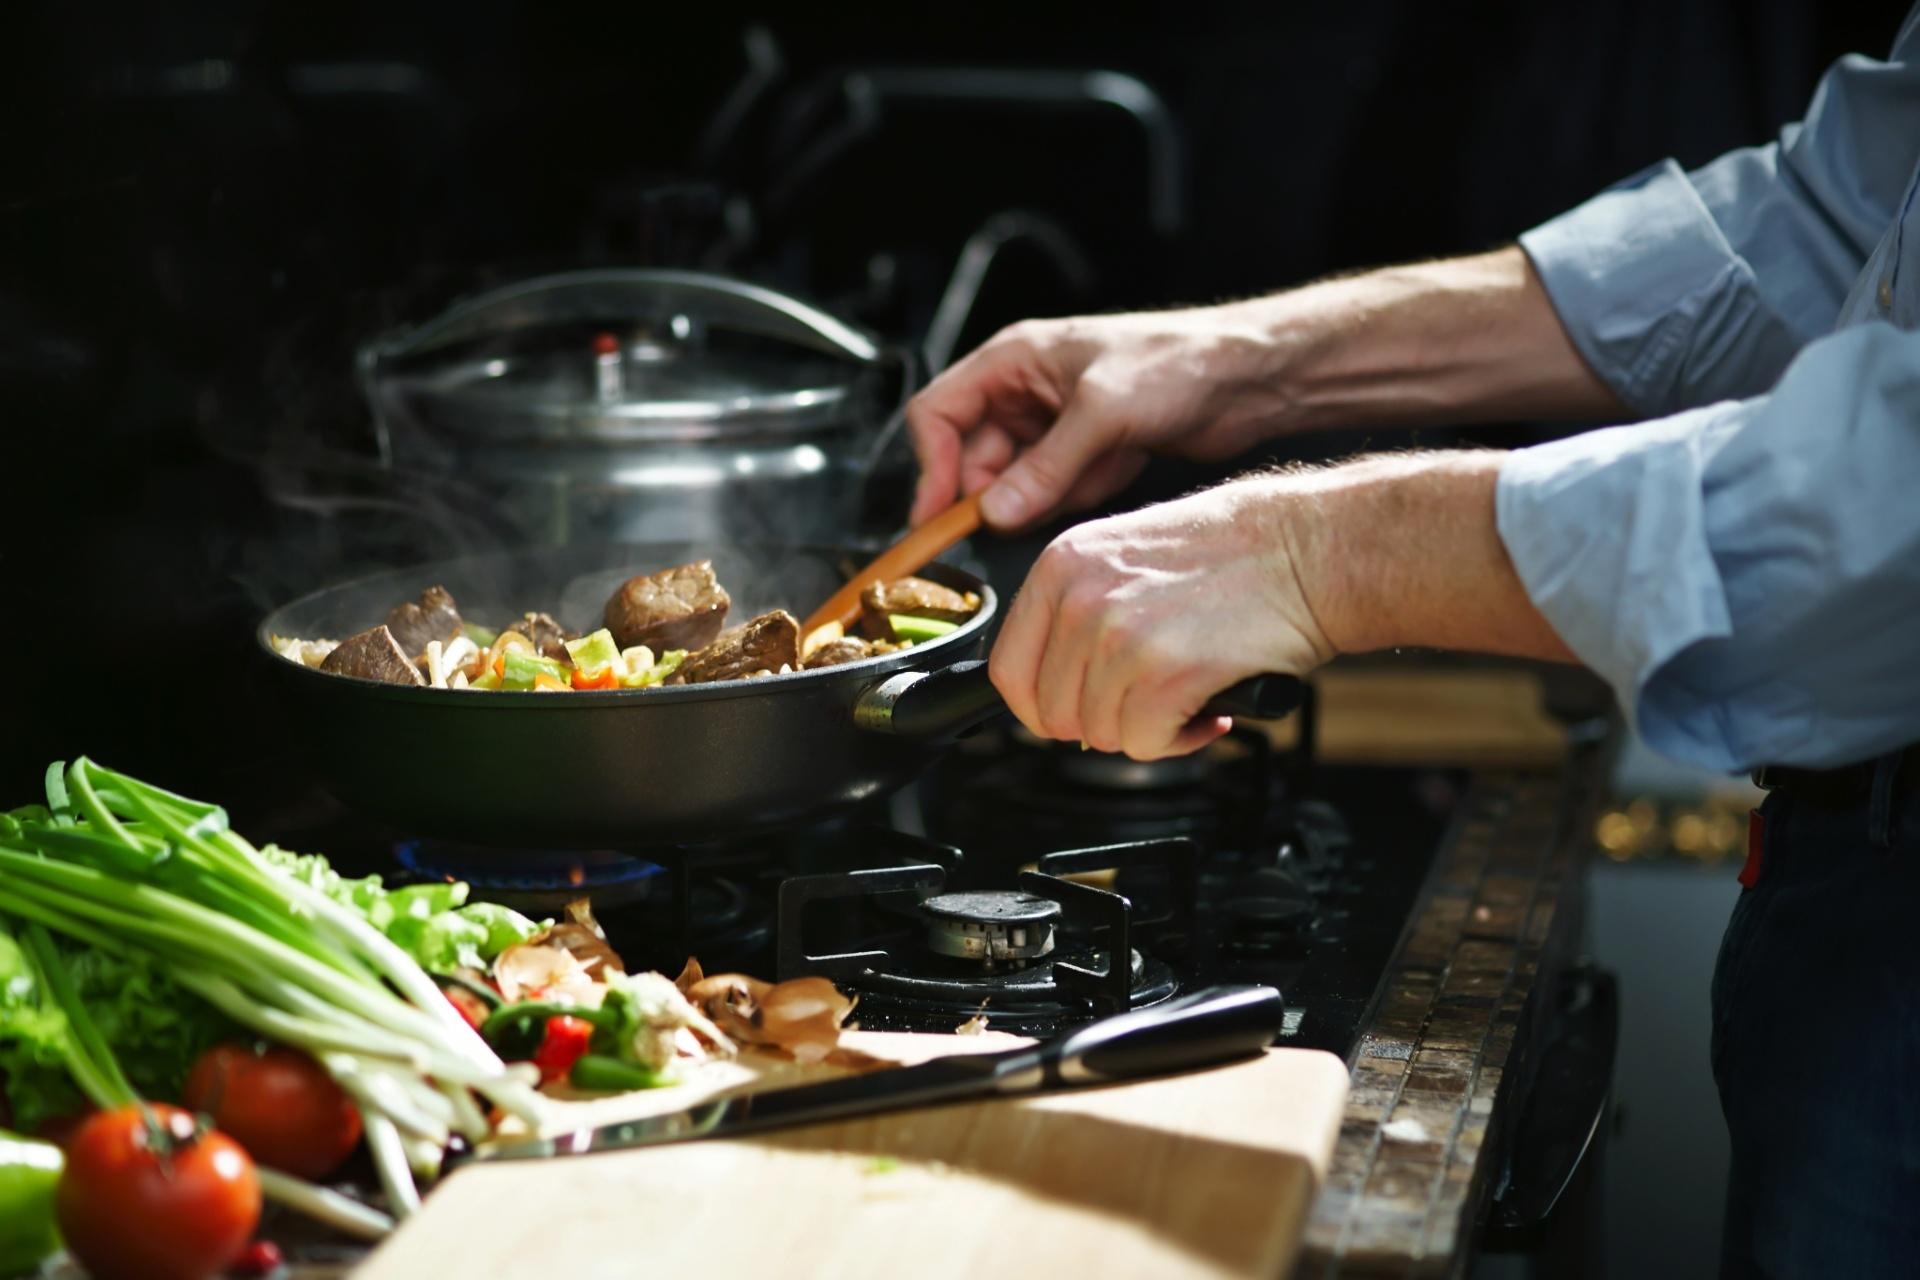 cozinha, cozinhando, chef, comida, refeição, almoço, jantar